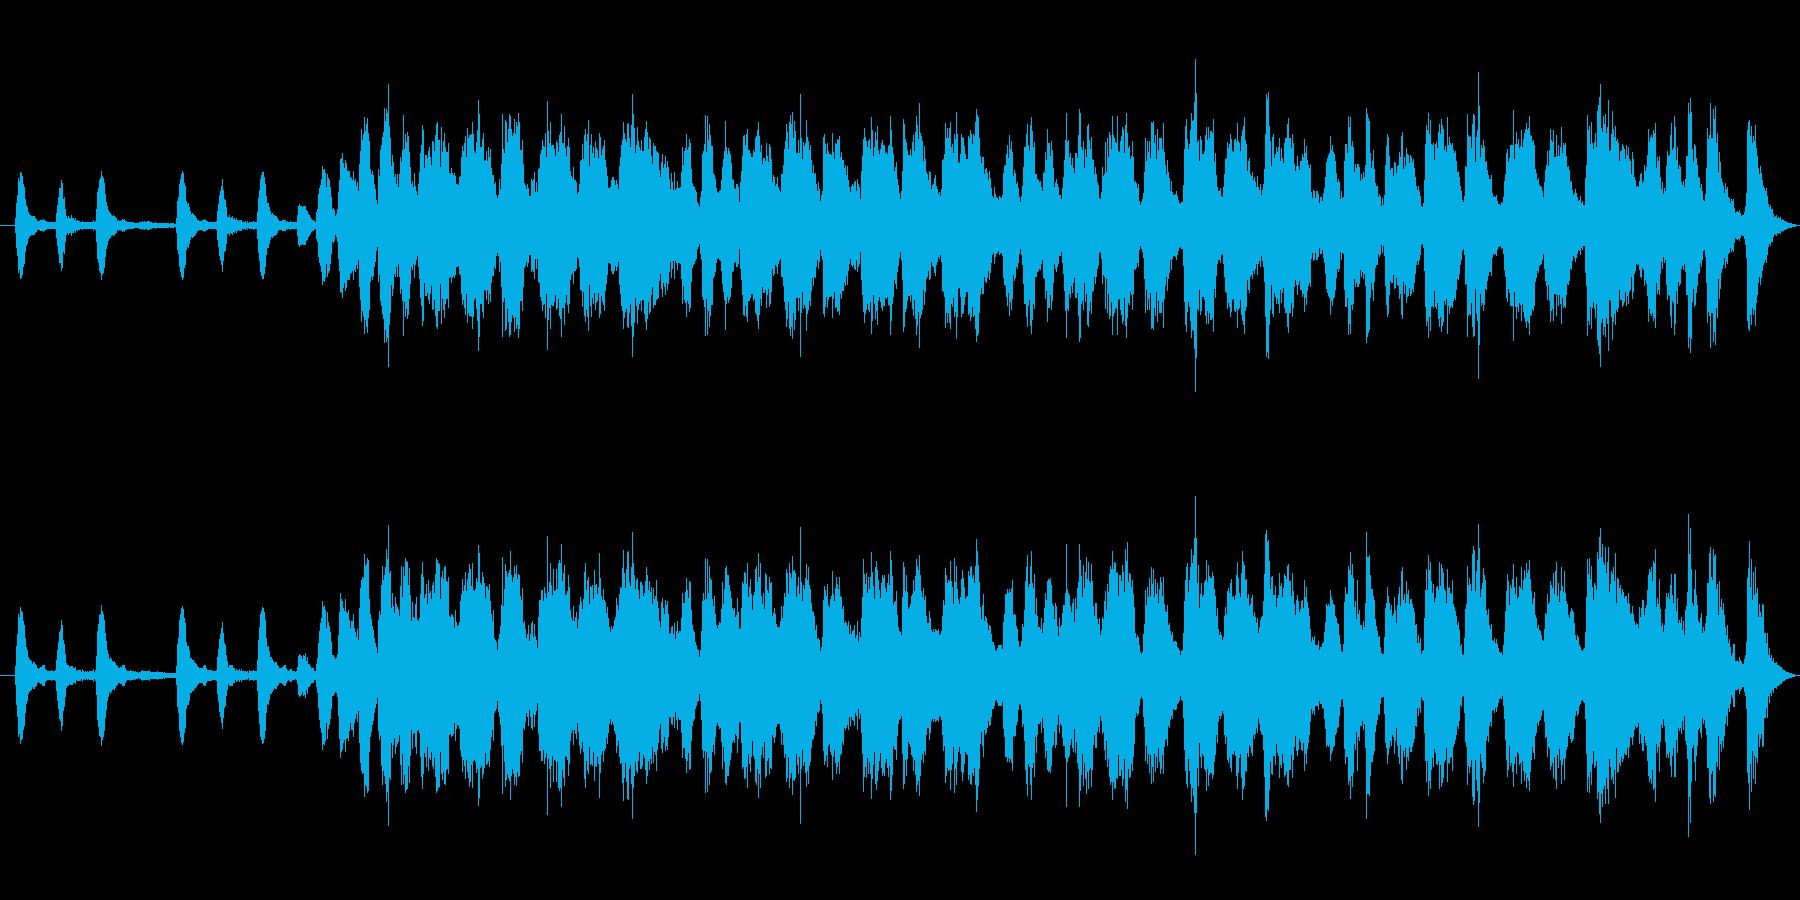 ガチャガチャの再生済みの波形